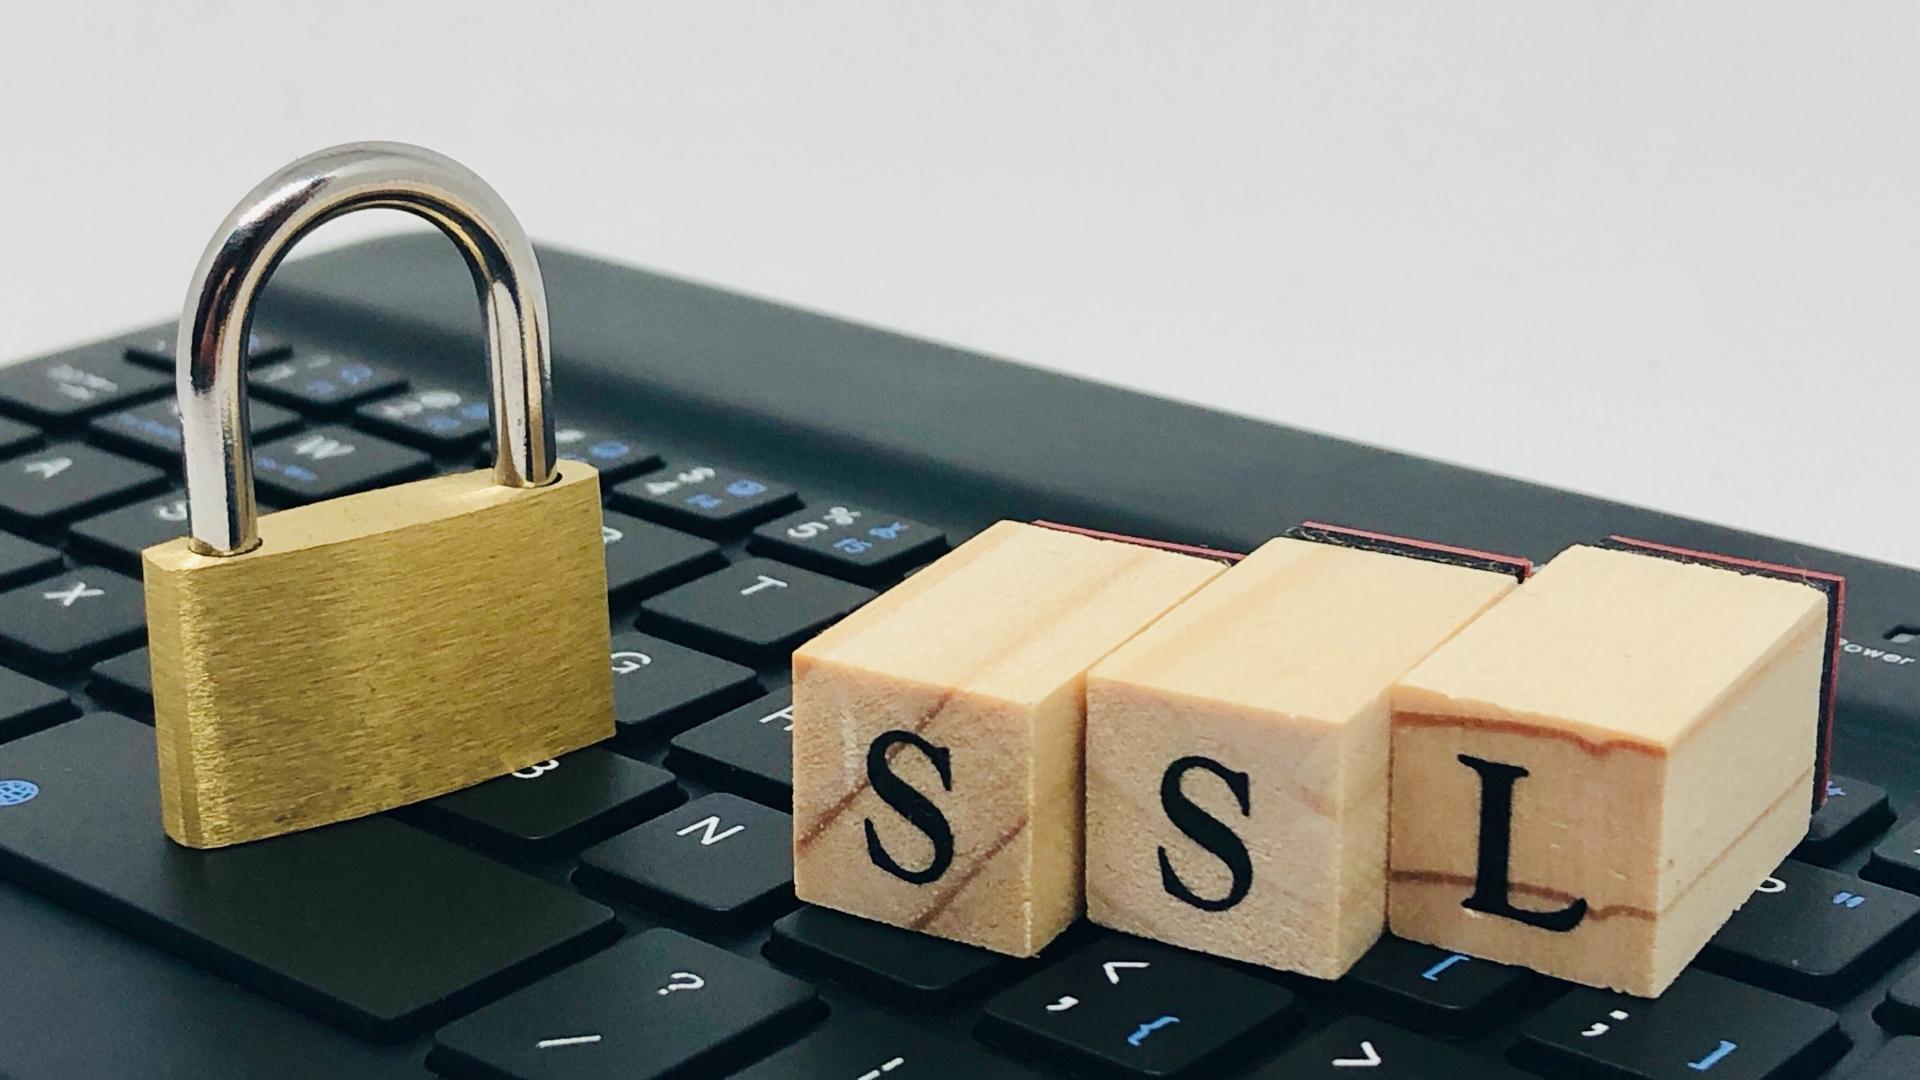 SSLのイメージ画像